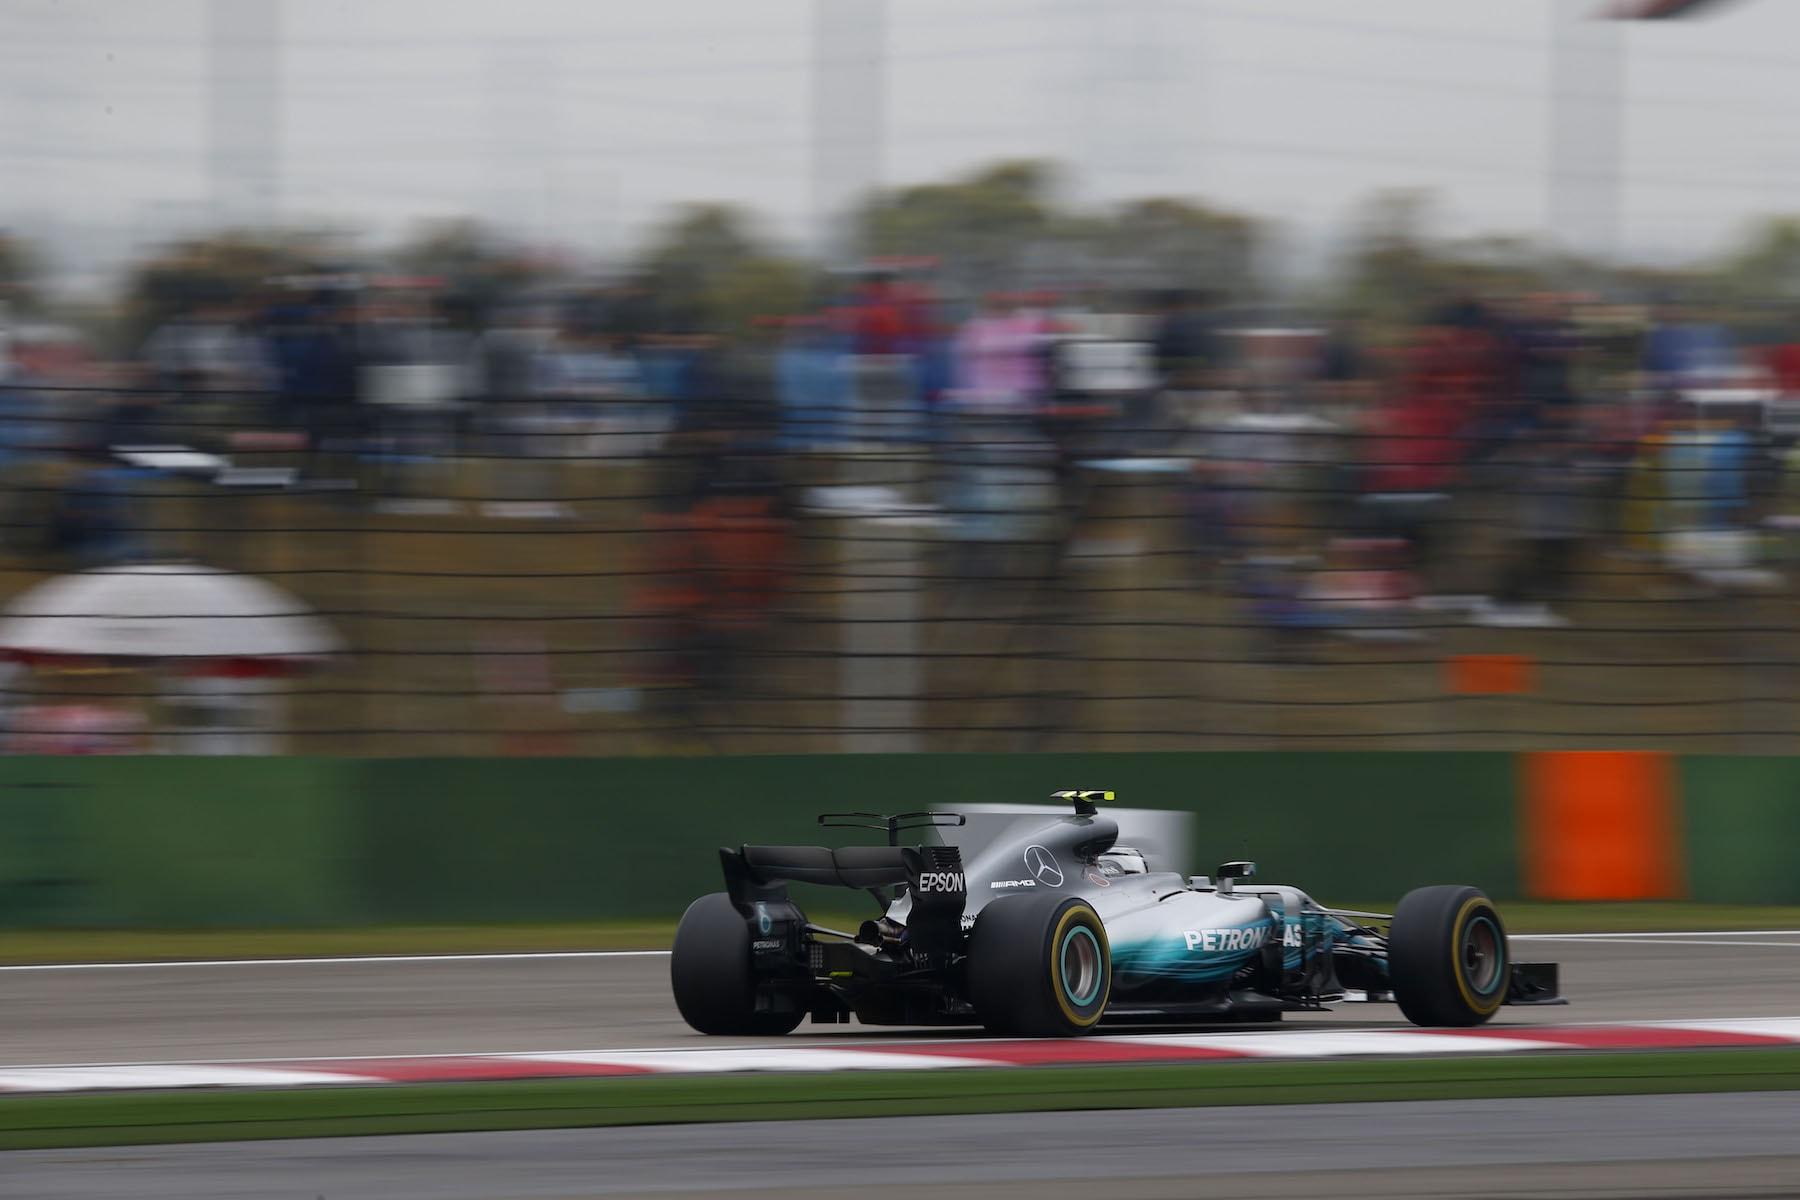 J 2017 Valtteri Bottas | Mercedes W08 | 2017 Chinese GP Winner 6 copy.JPG